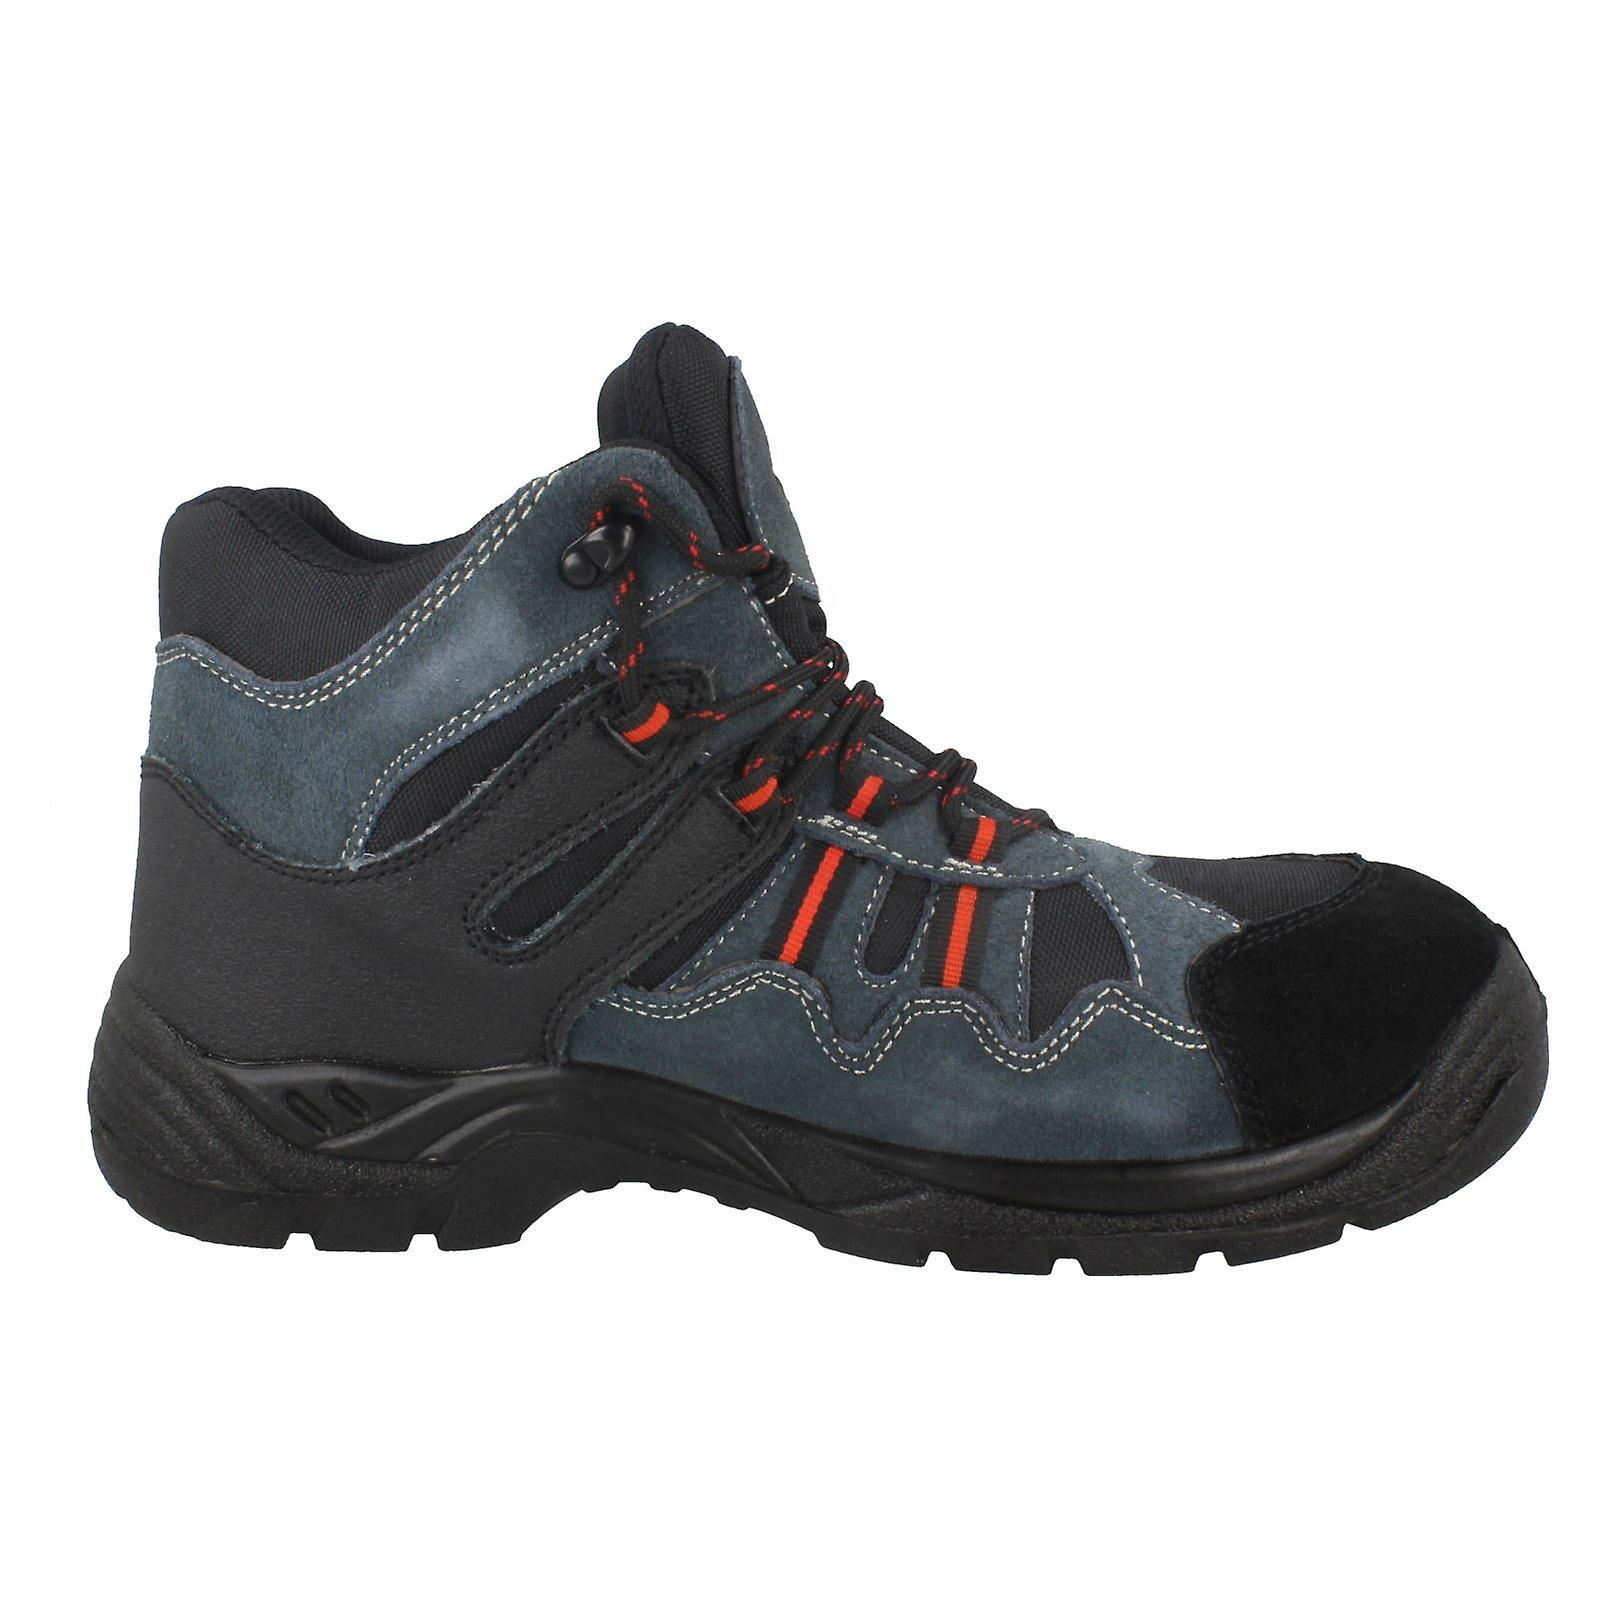 Mens Lee Cooper Sikkerhetsarbeid Støvler Lc Skoen 039